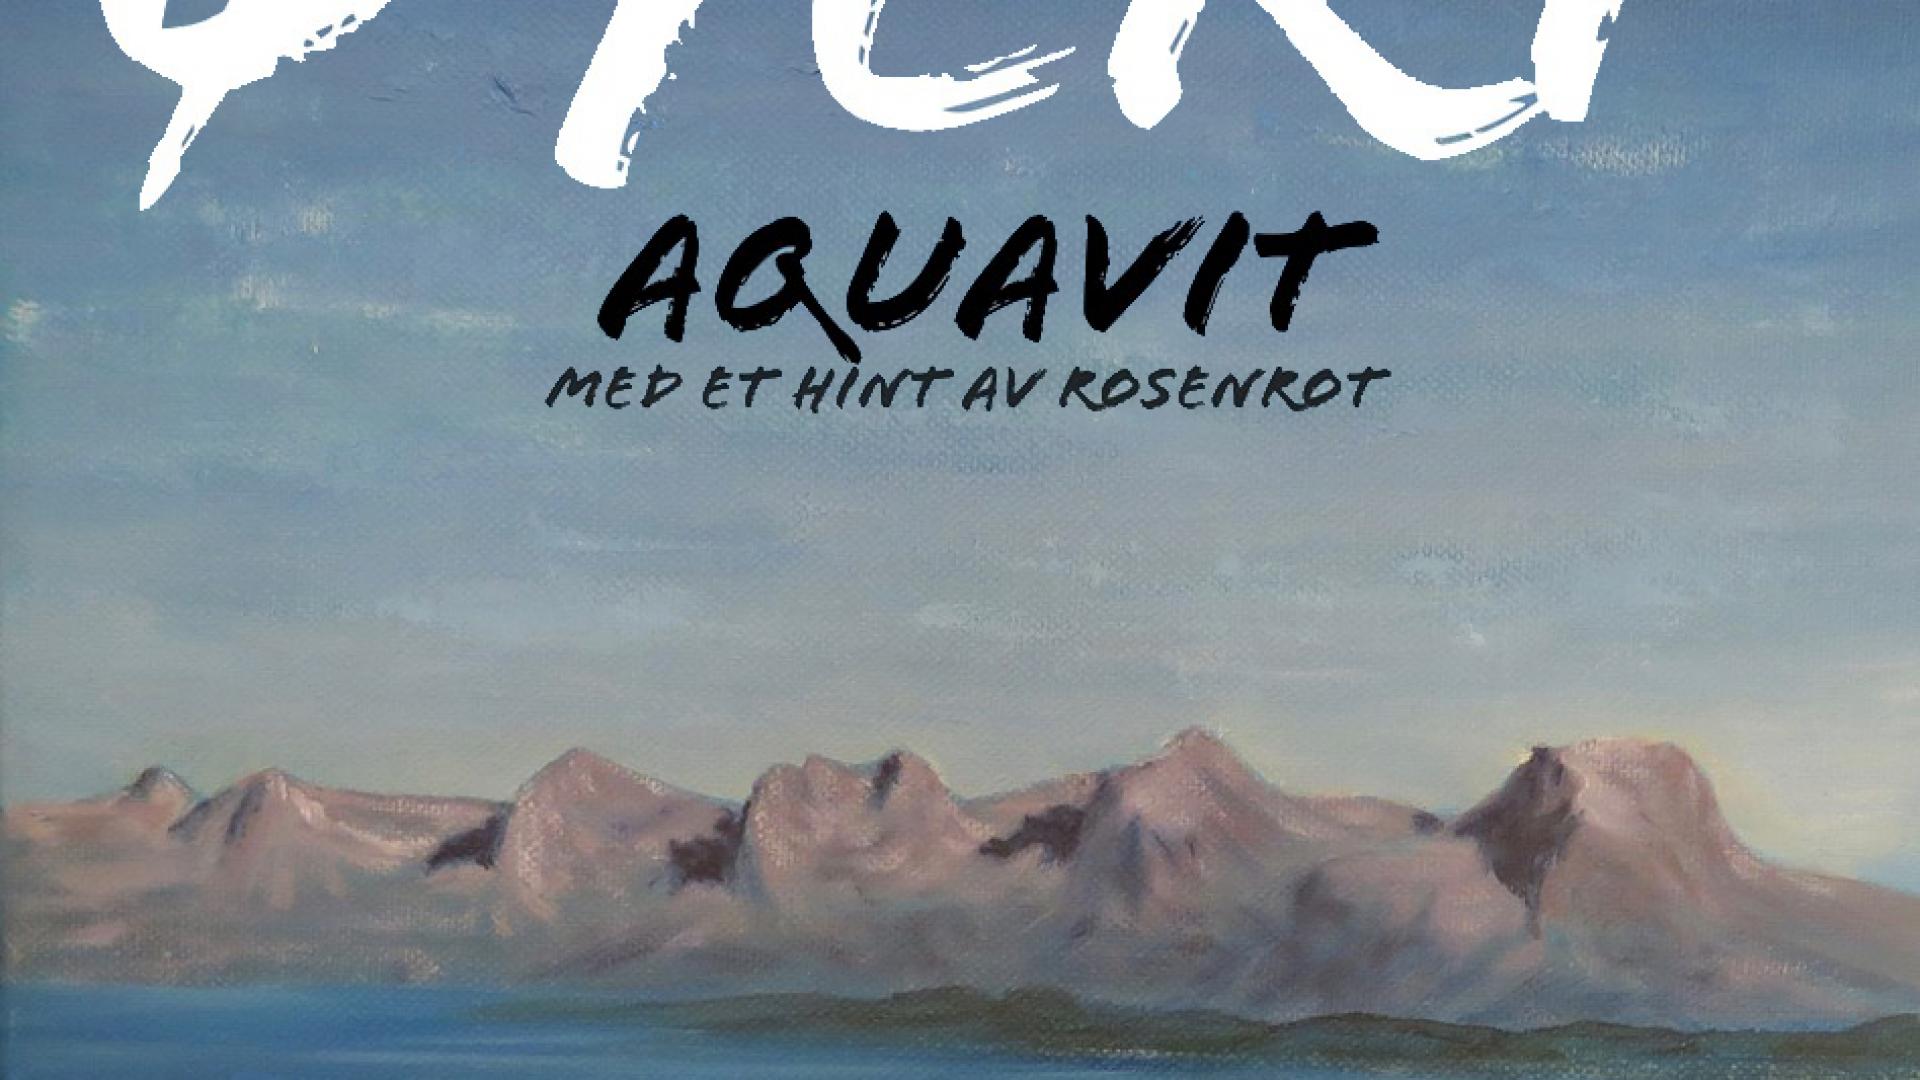 Etikett fra aquavit-flaske